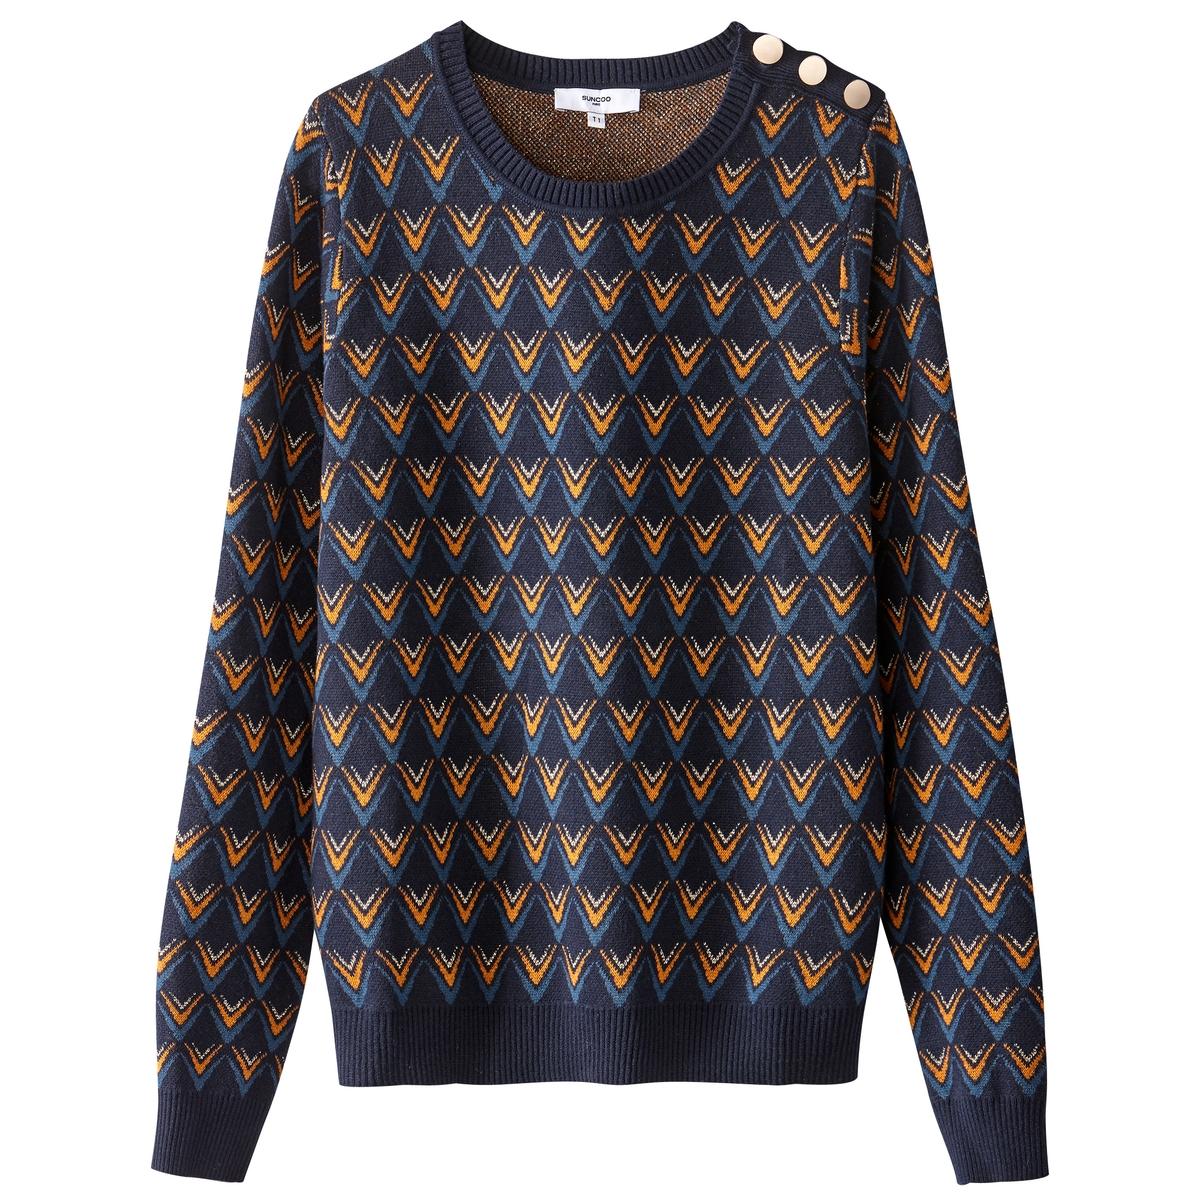 Пуловер из тонкого трикотажа с круглым вырезом и жаккардовым рисунком пуловер с жаккардовым рисунком manitou